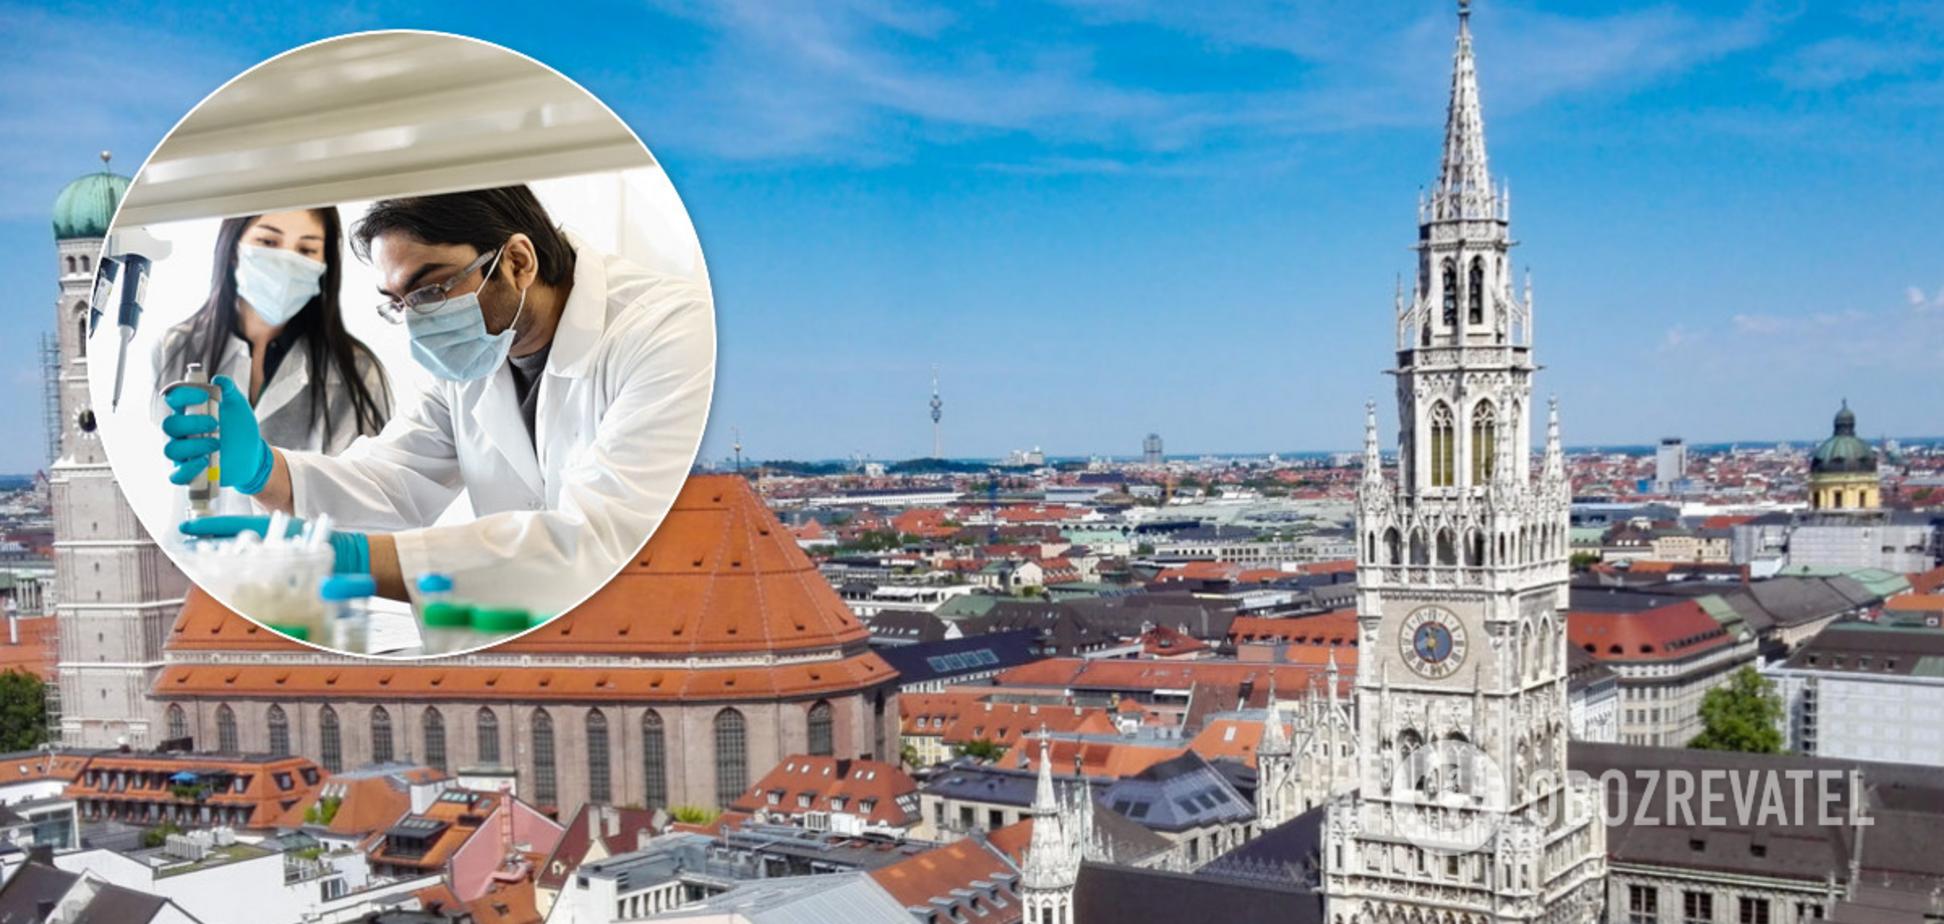 Коронавірус проник у Європу через Мюнхен: епідеміологи провели розслідування